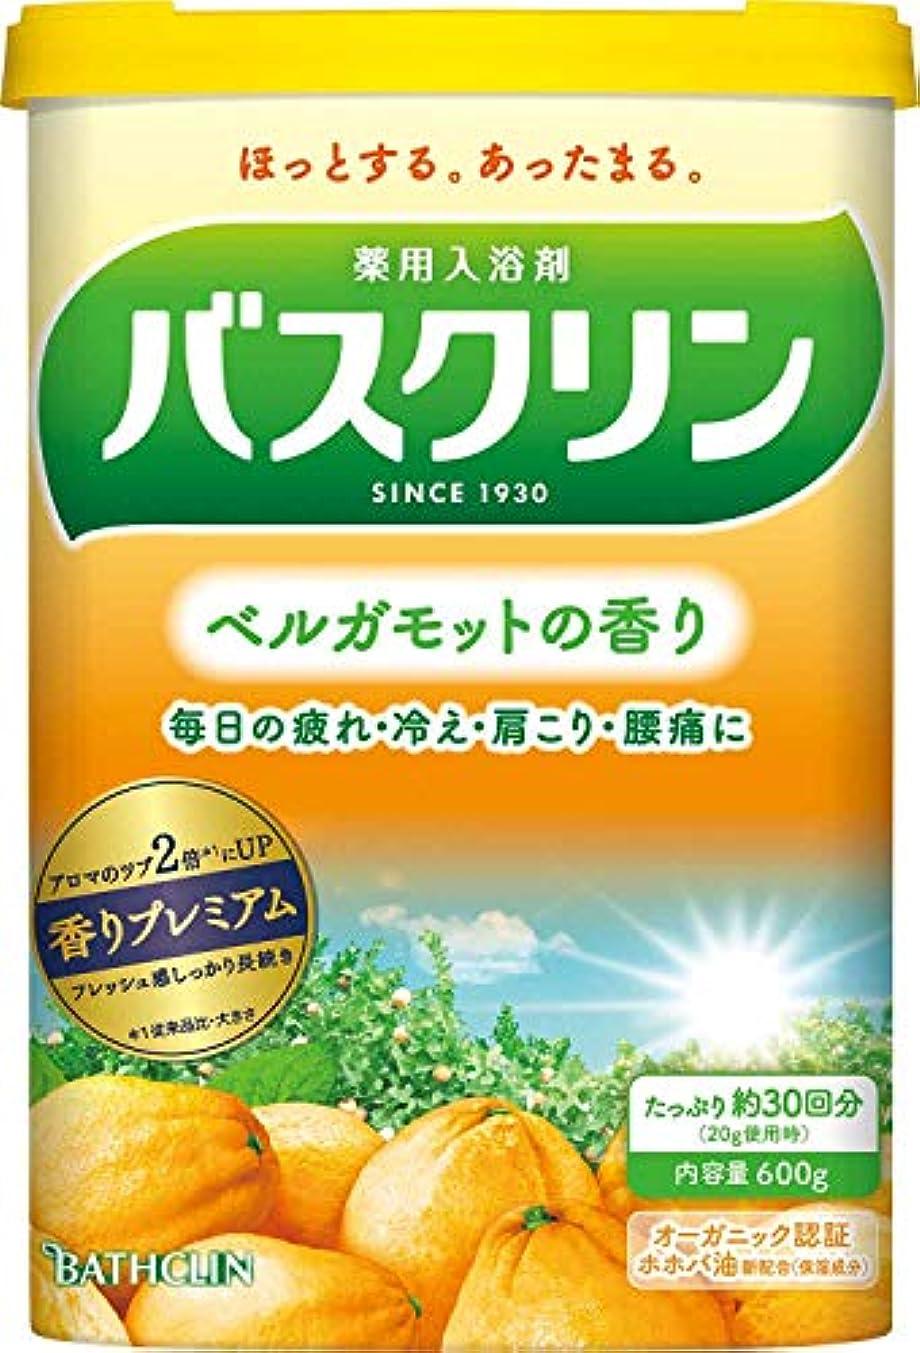 【医薬部外品】バスクリン入浴剤 ベルガモットの香り600g(約30回分) 疲労回復